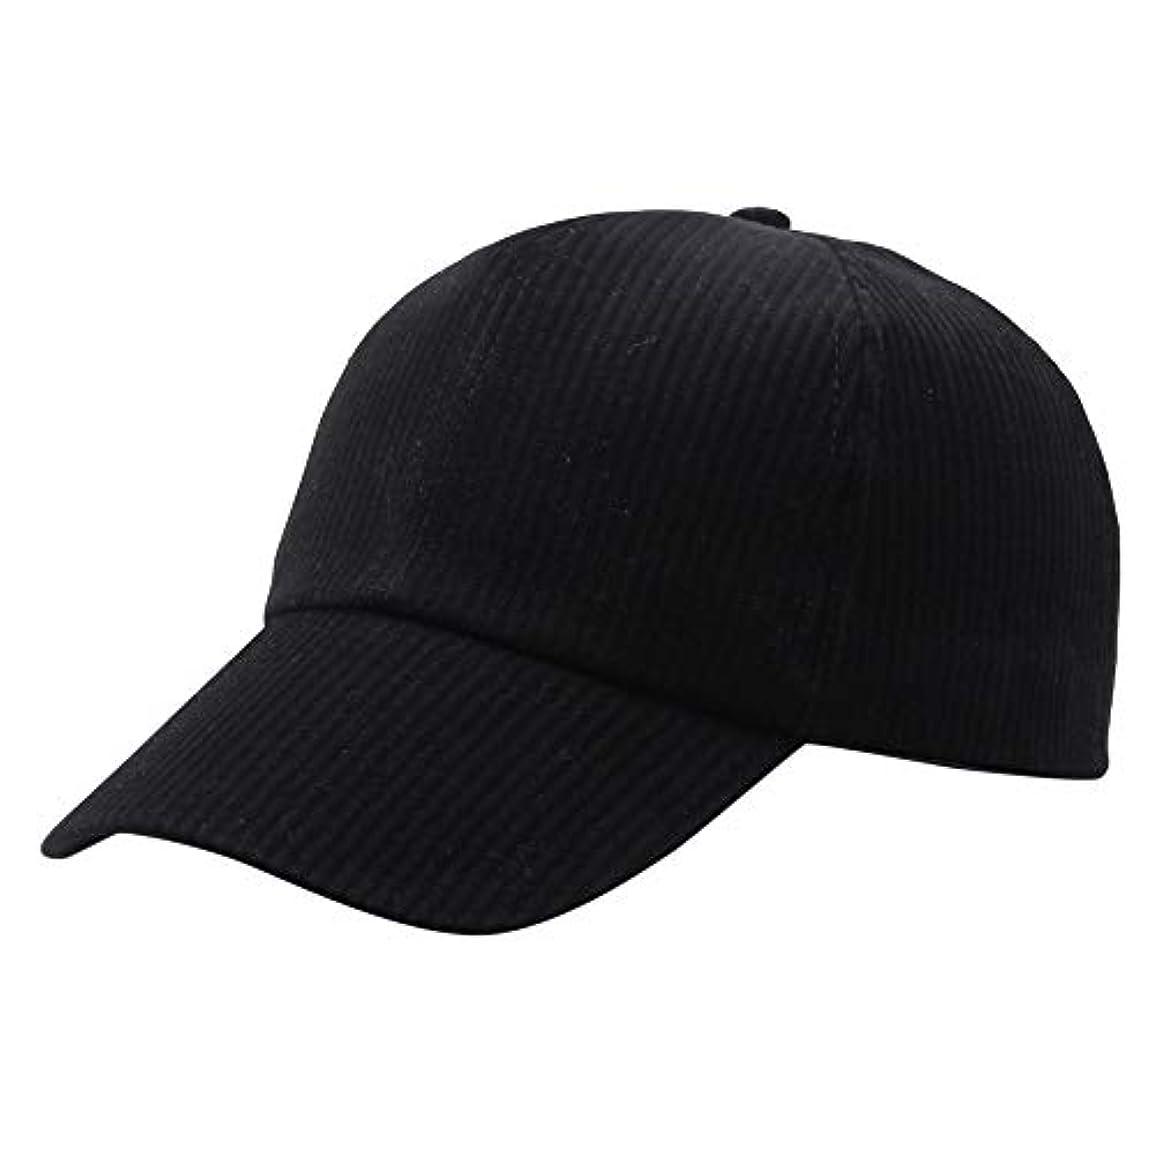 ソースエッセイ精緻化Racazing Cap コーデュロイ 野球帽 迷彩 夏 登山 通気性のある メッシュ 帽子 ベルクロ 可調整可能 ストライプ 刺繍 棒球帽 UV 帽子 軽量 屋外 Unisex Hat (B)